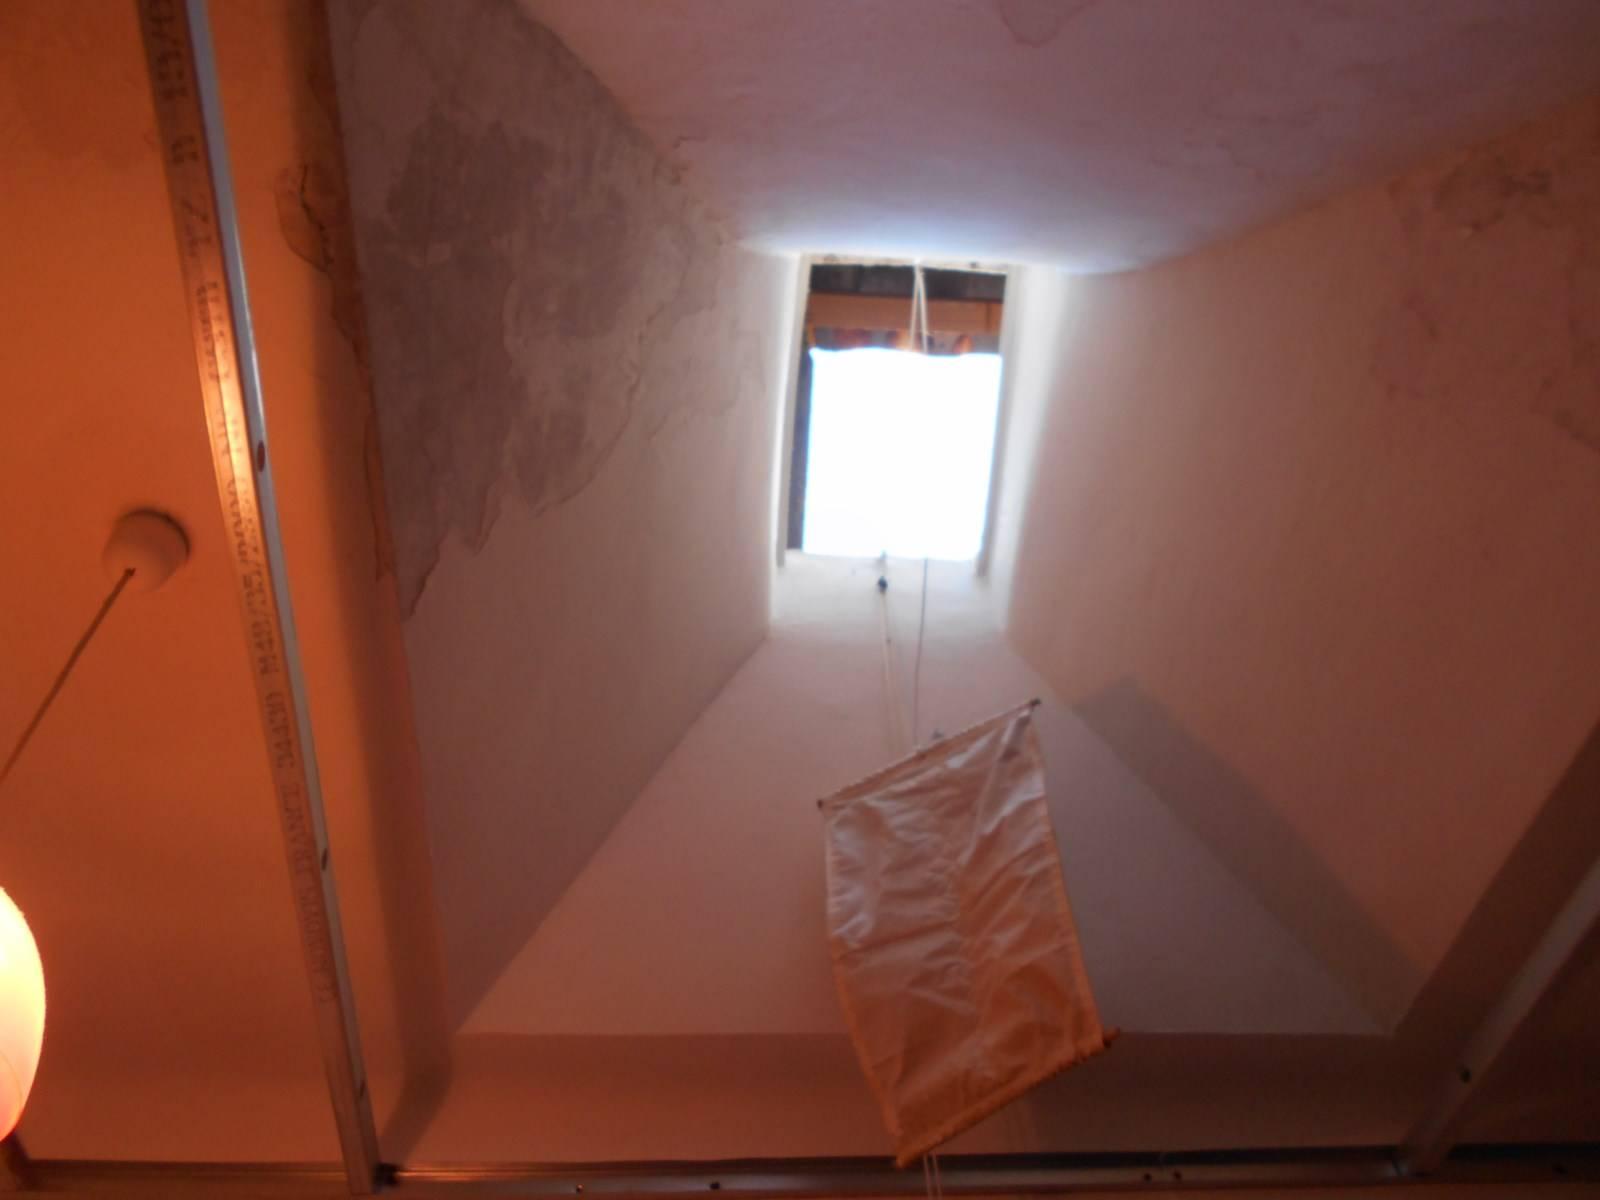 Puit De Jour dedans remplacement d'une ancienne fenêtre de toit par un velux par nos